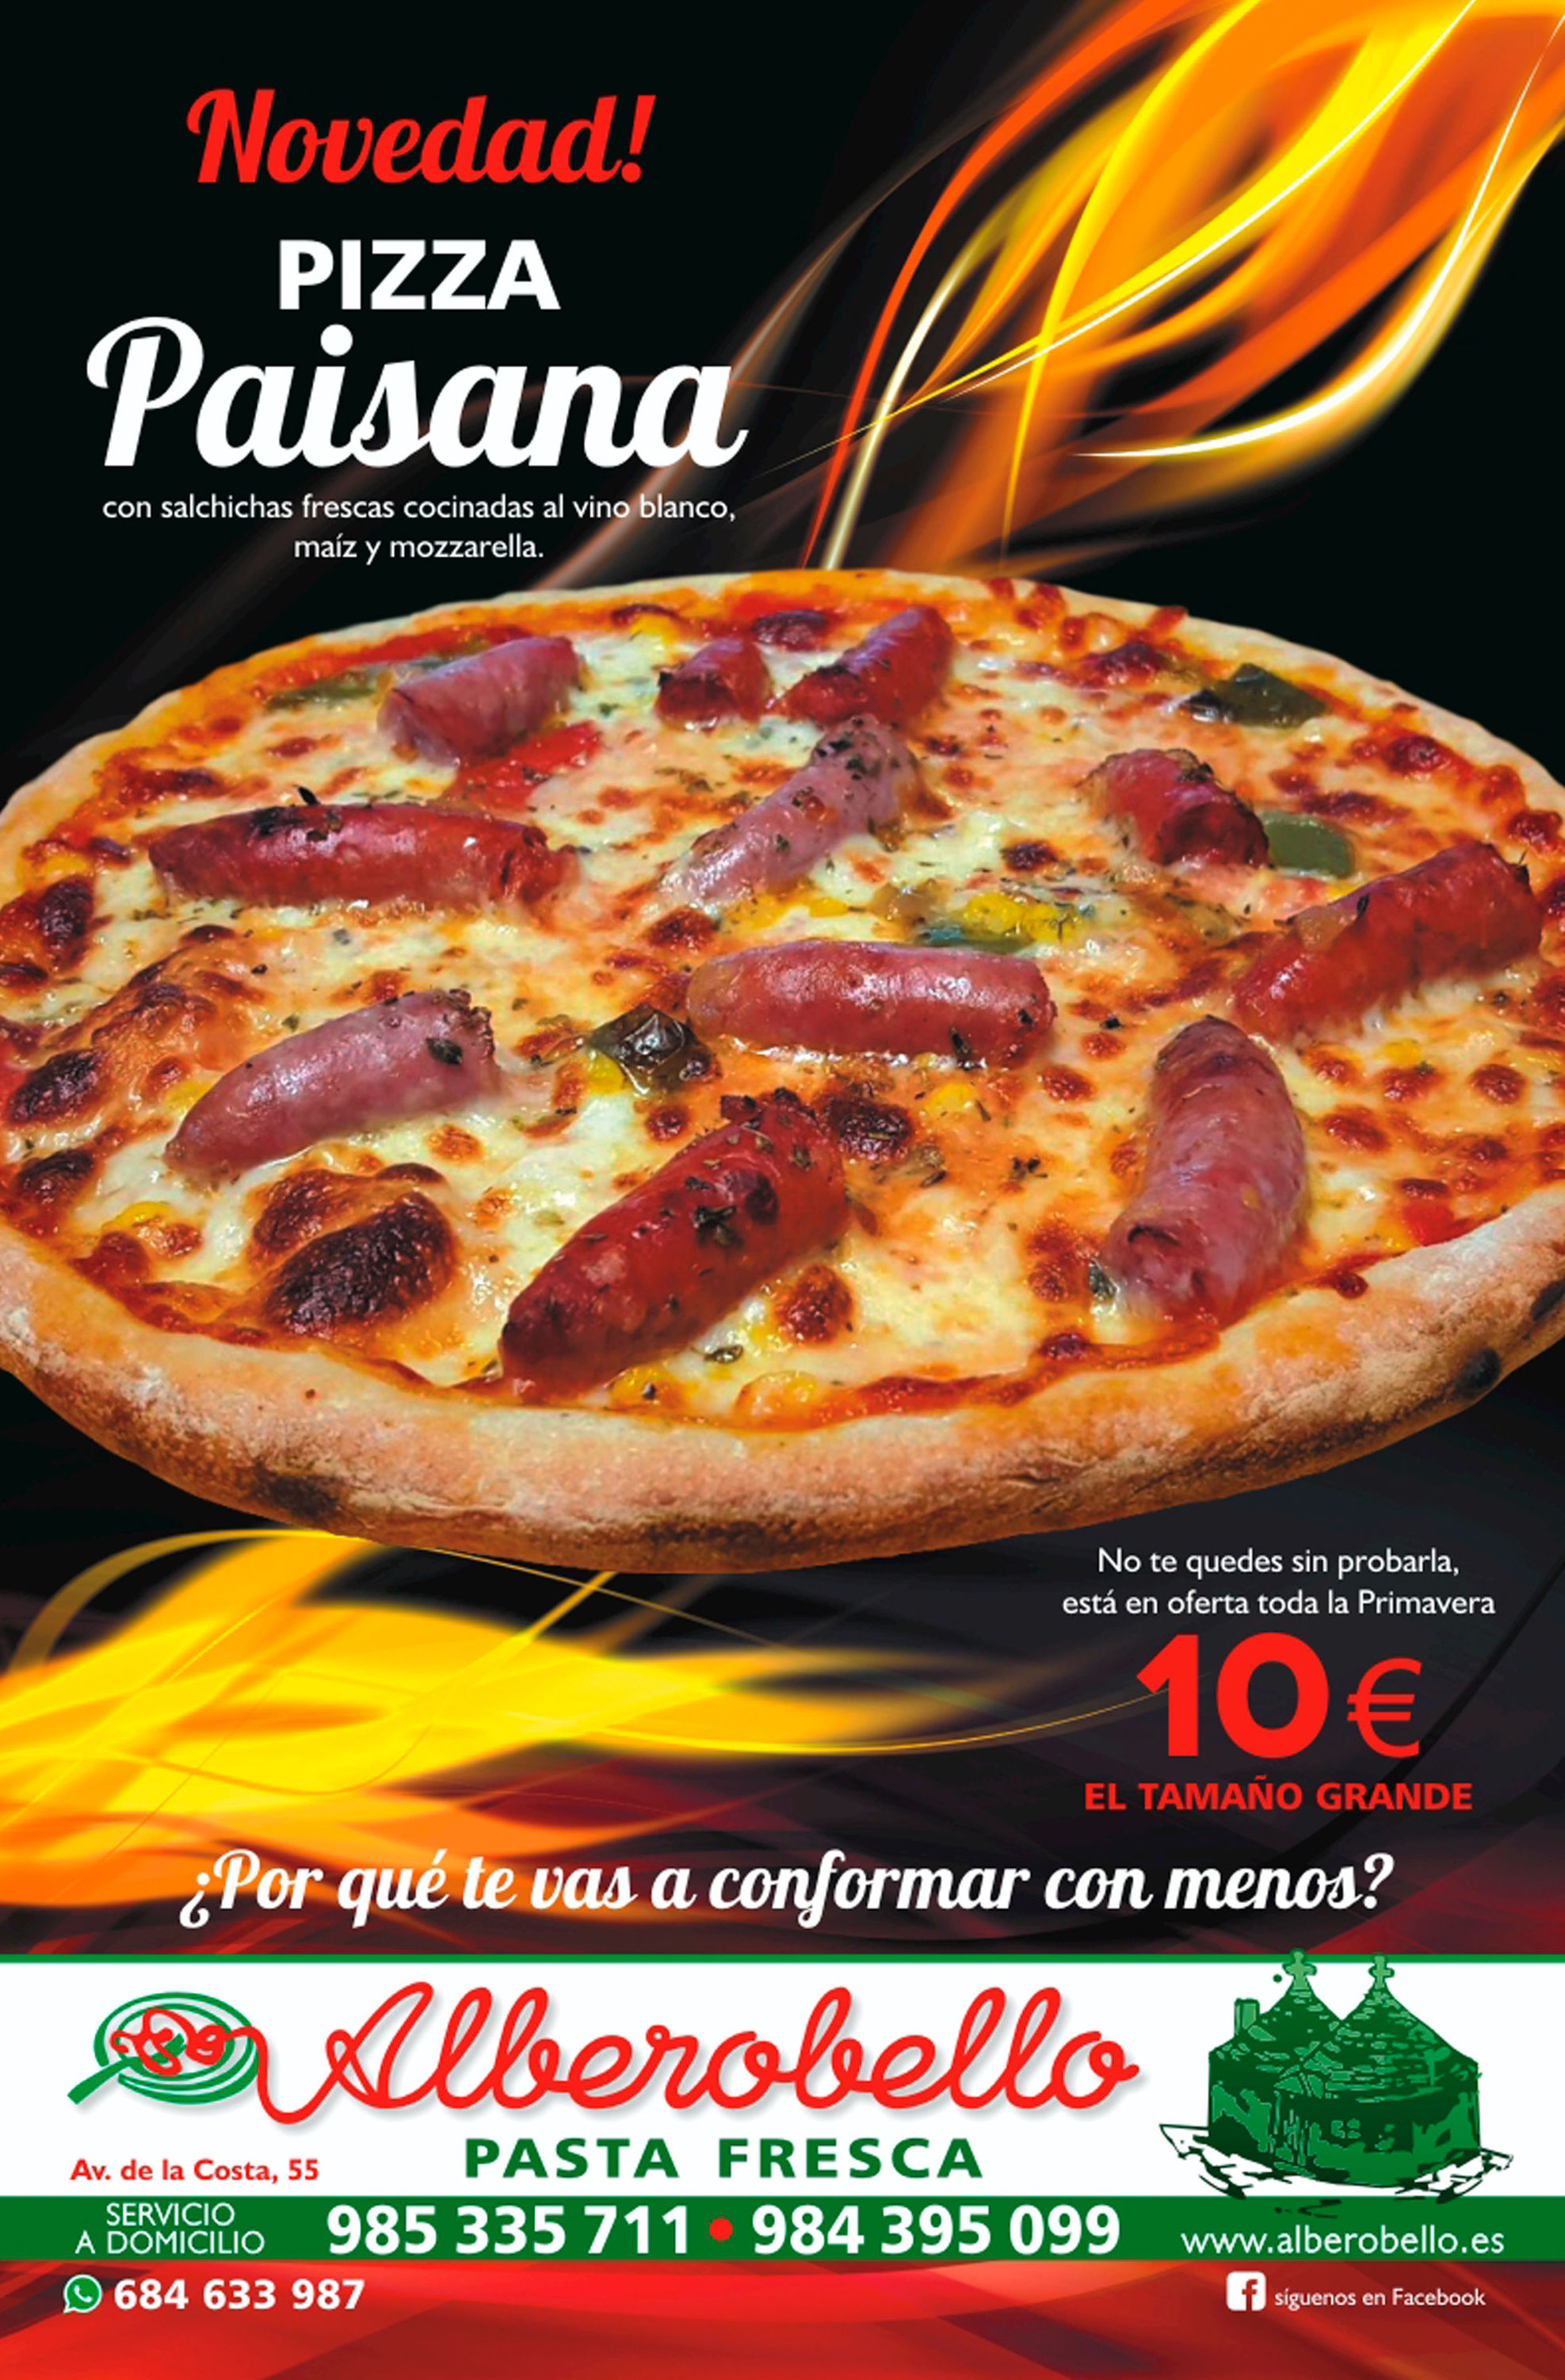 Nueva pizza paisana